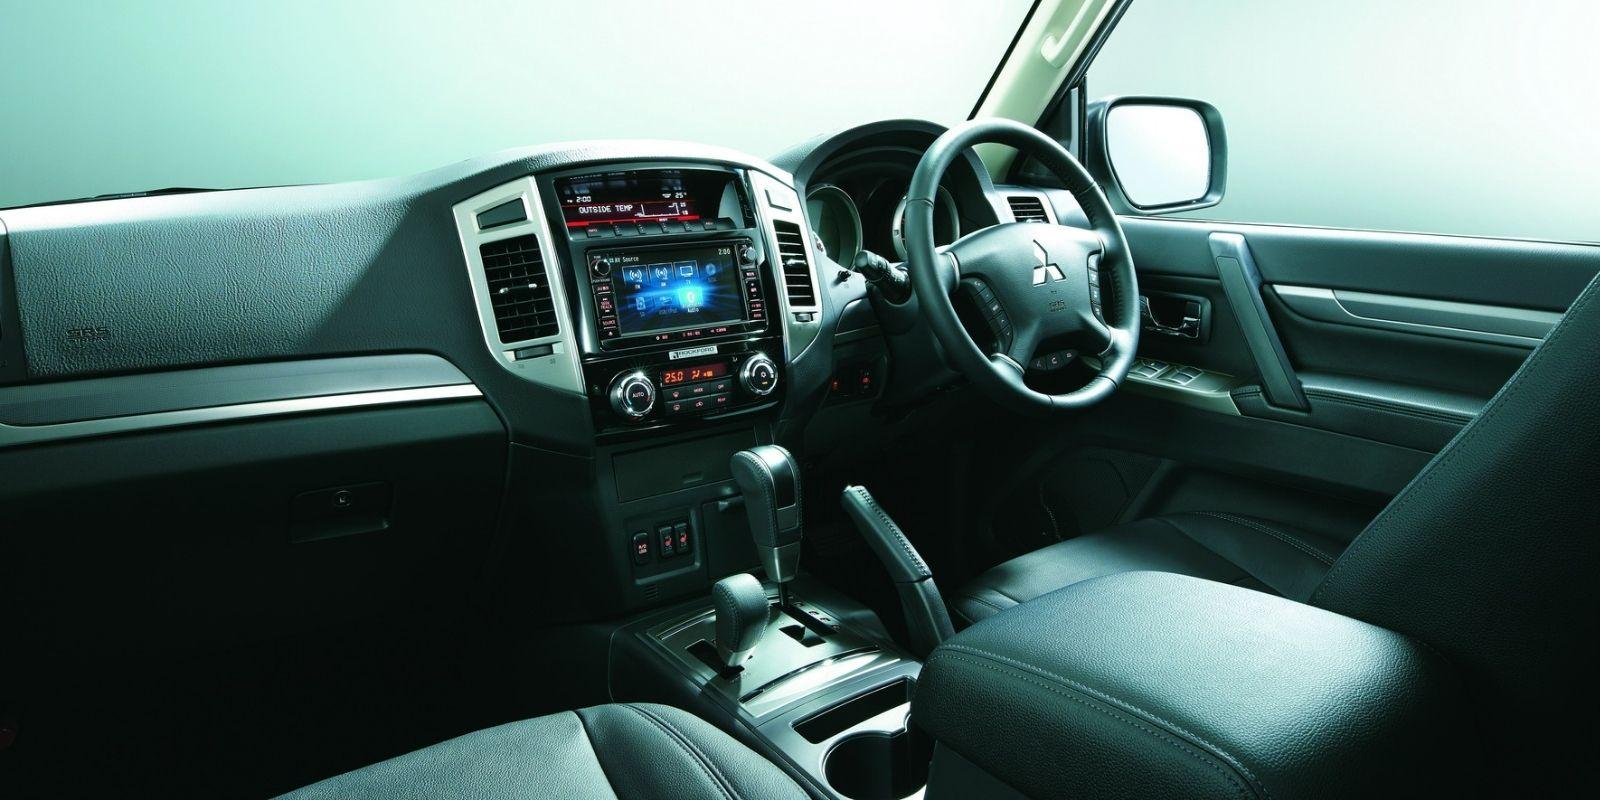 Mitsubishi pajero final edition 1